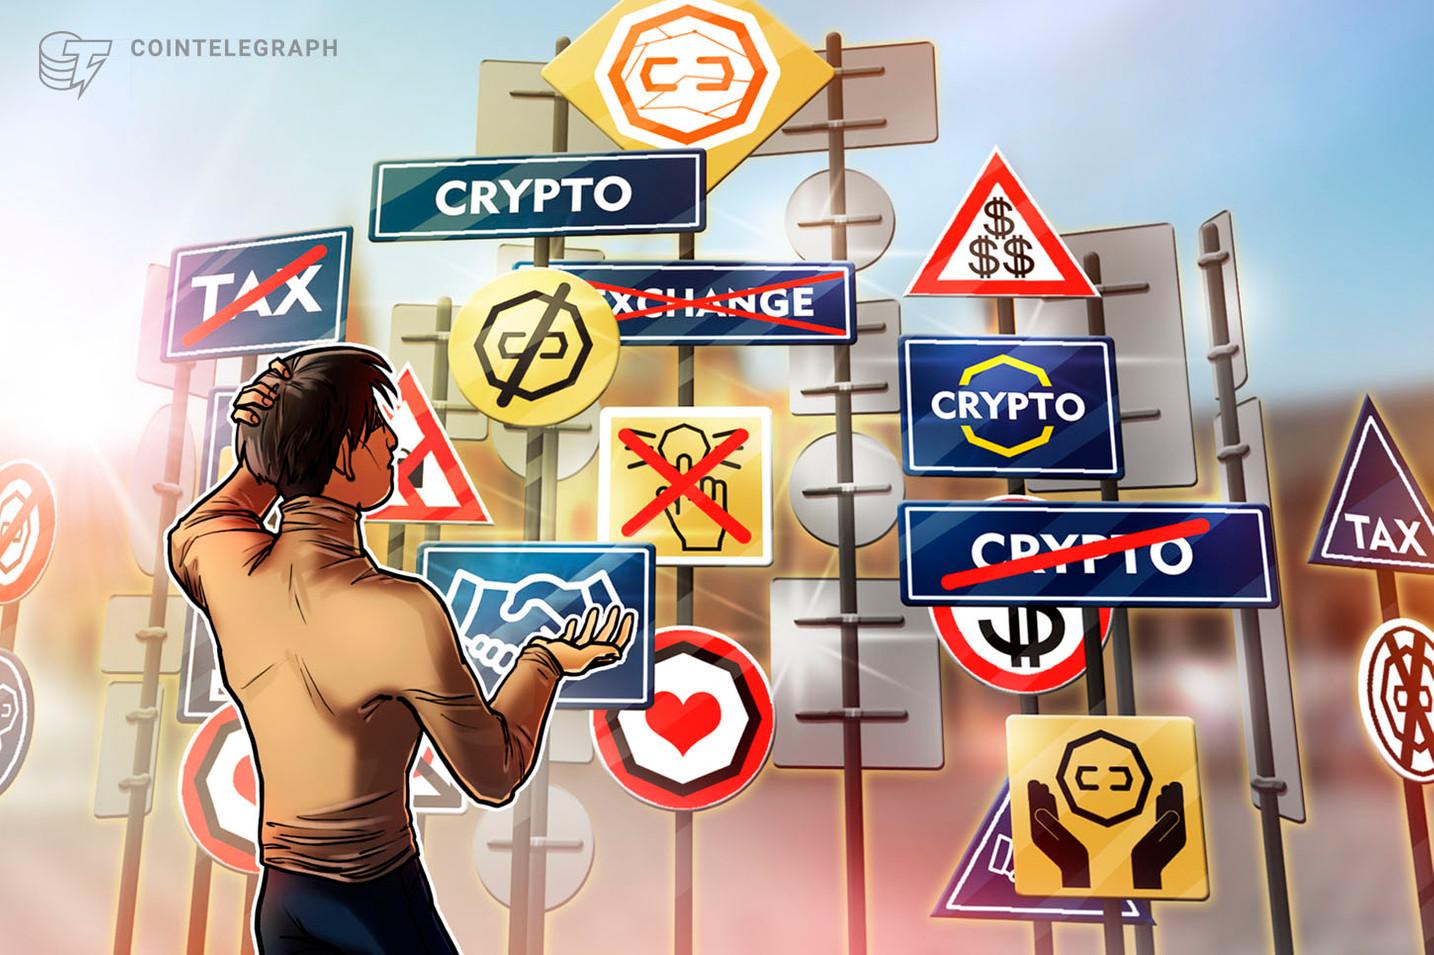 Los usuarios de criptomonedas hablan sobre el cambio propuesto a la regla de viaje de la FinCEN